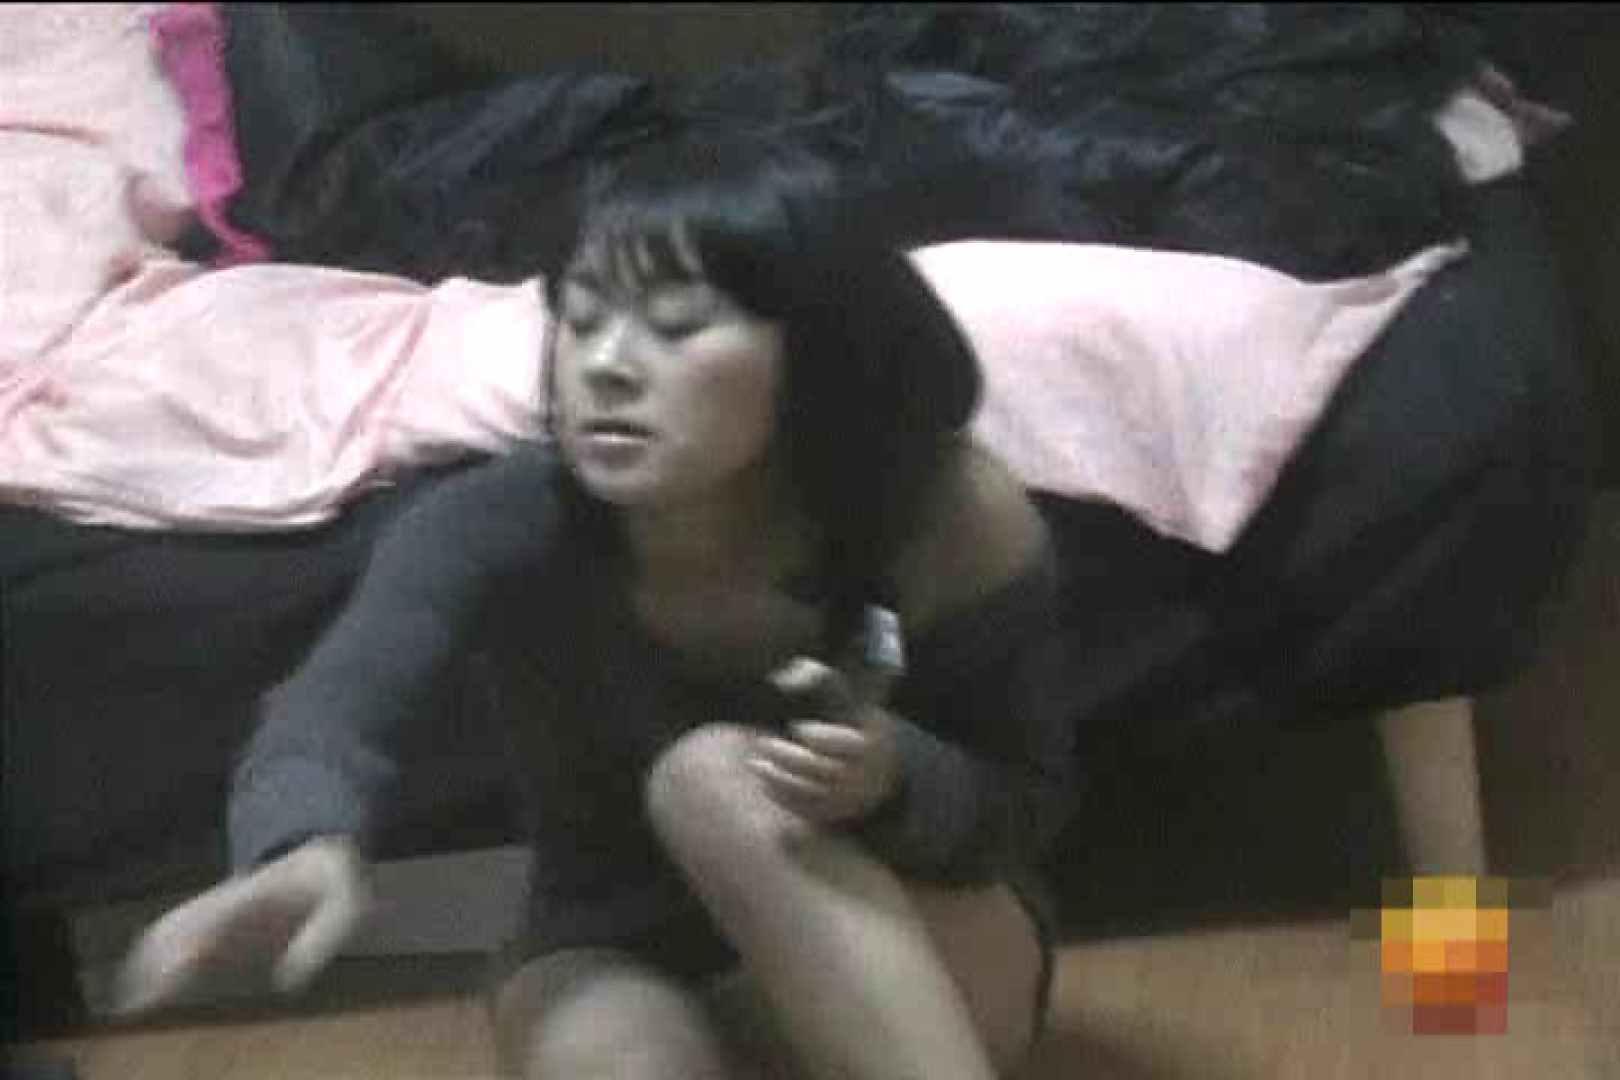 民家自慰マニアVol.6 民家 セックス画像 100pic 44